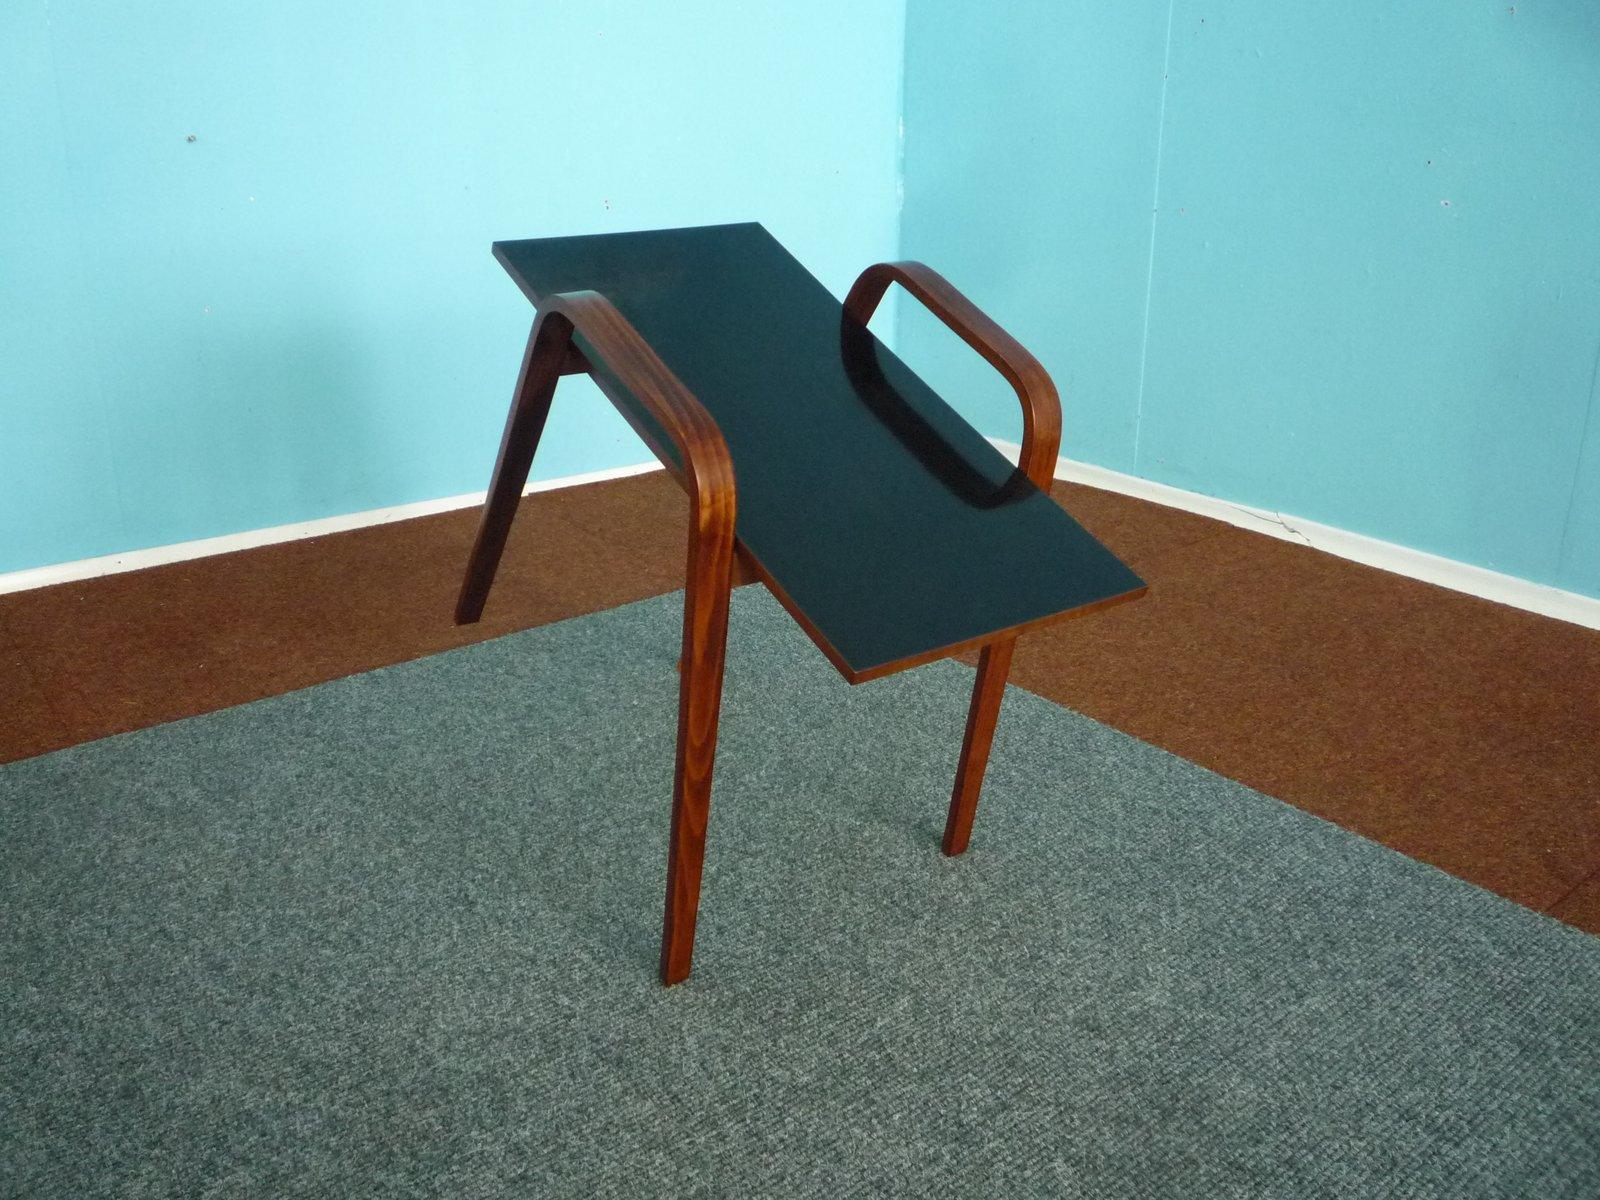 312 tisch von egon eiermann f r wilde spieth 1950er bei pamono kaufen. Black Bedroom Furniture Sets. Home Design Ideas